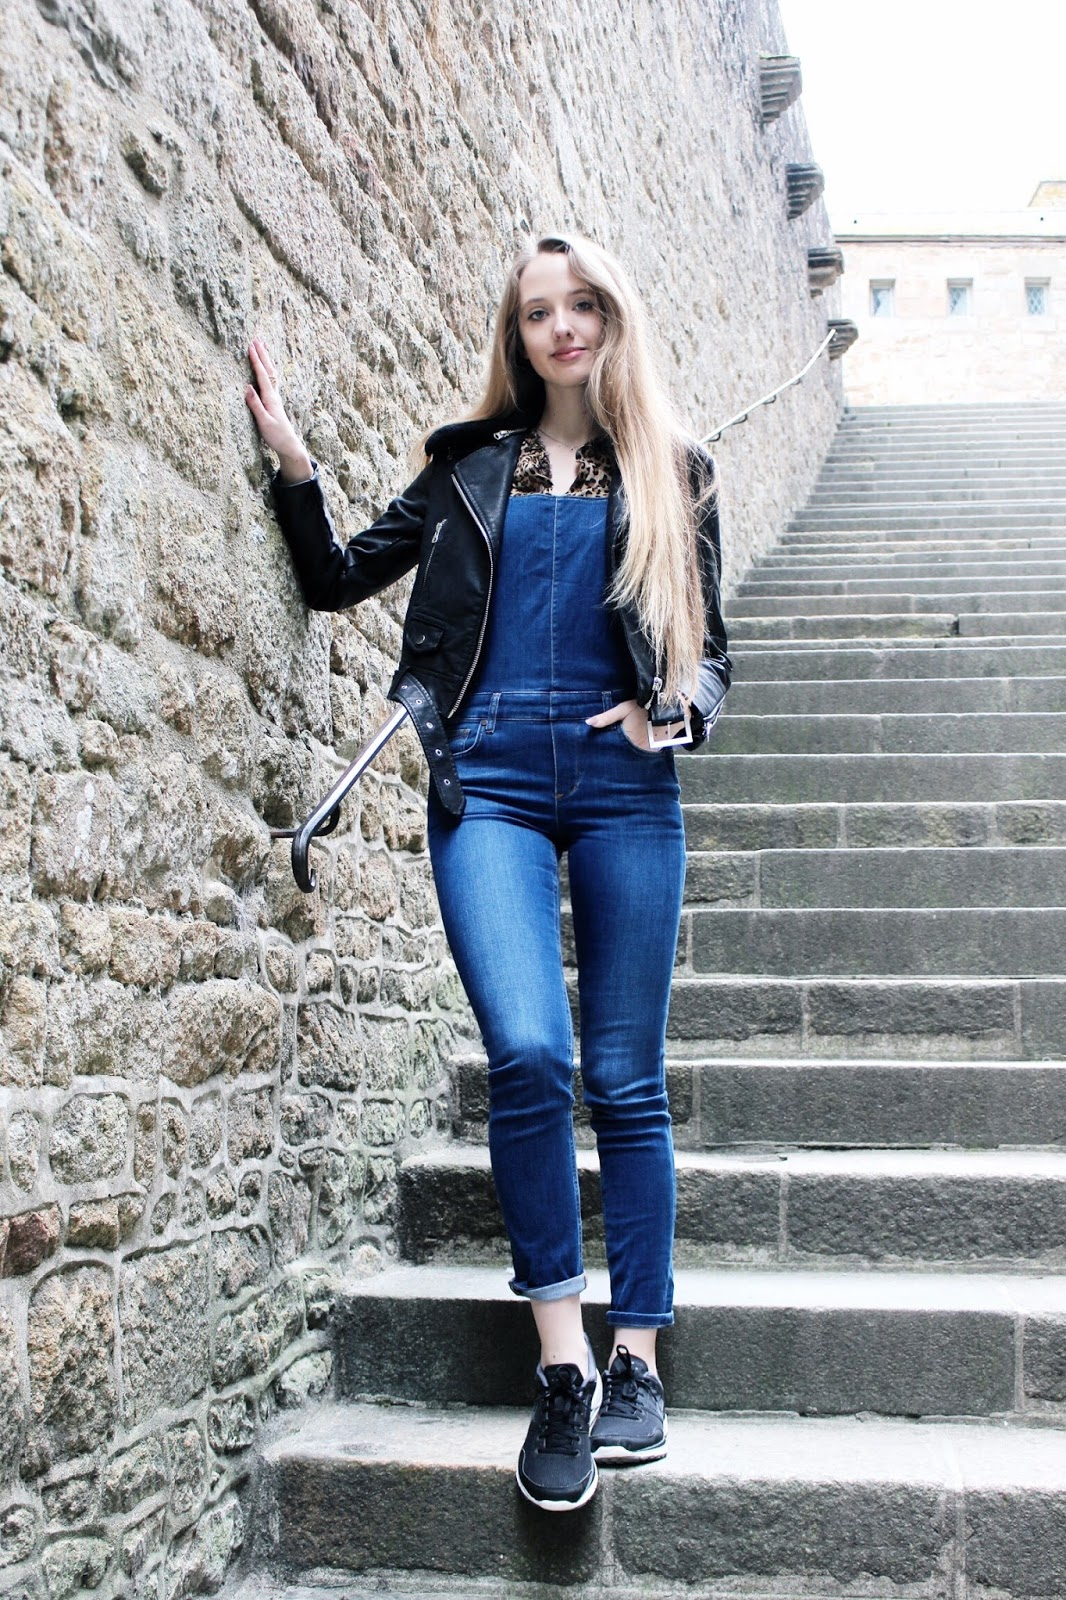 Mont Saint Michel Travel Blog in Winter Spring